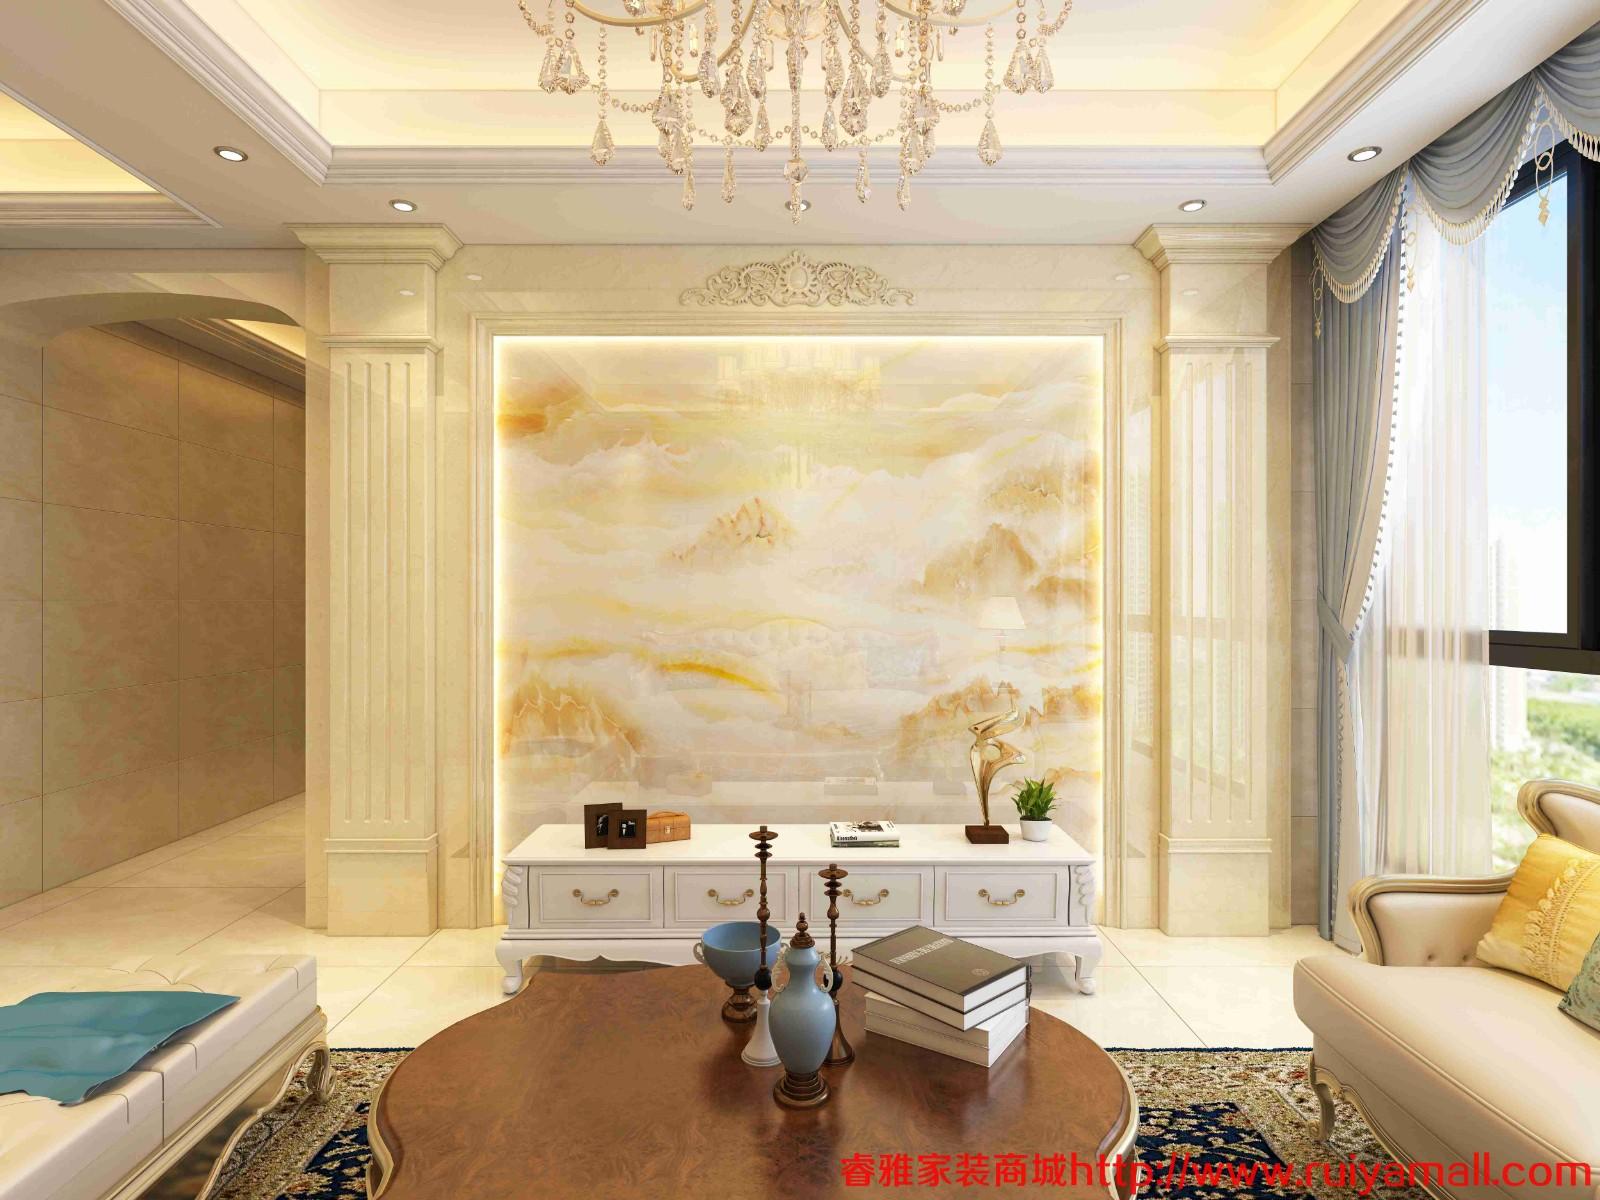 電視背景墻瓷磚現代簡約客廳3D微晶石石材邊框裝飾造型石材護墻板-套餐5